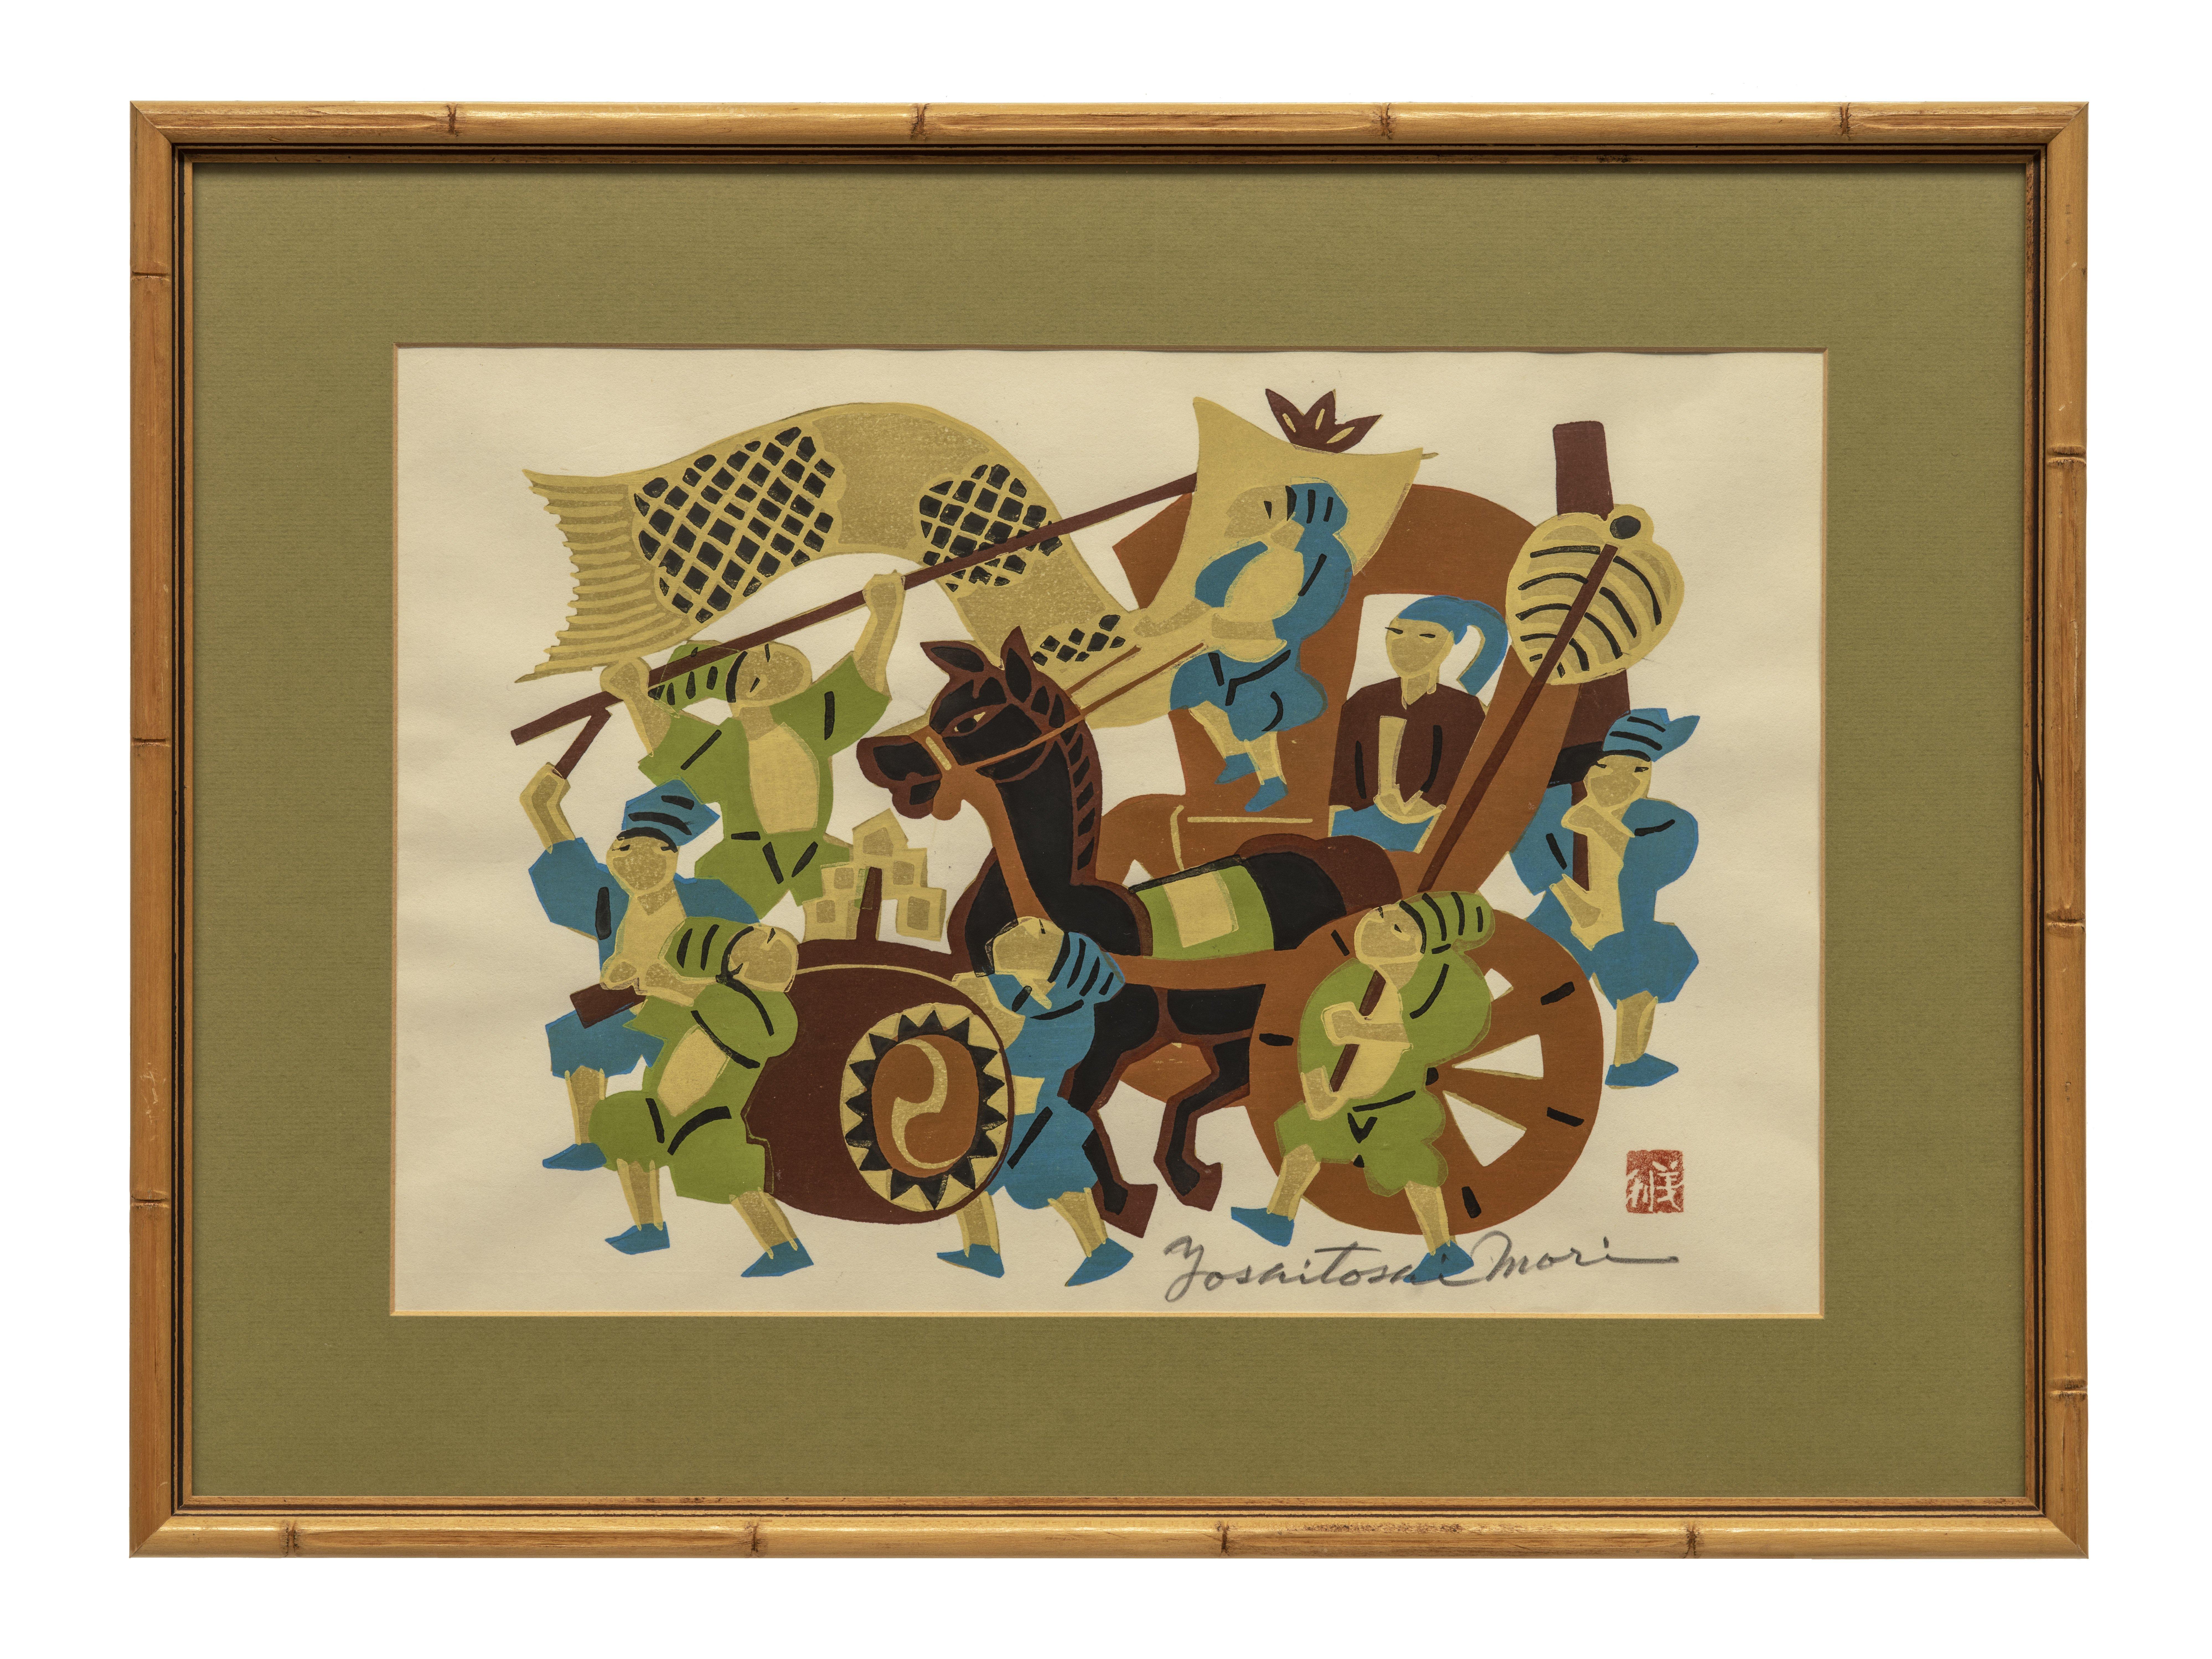 Yoshitoshi Mori woodblock print